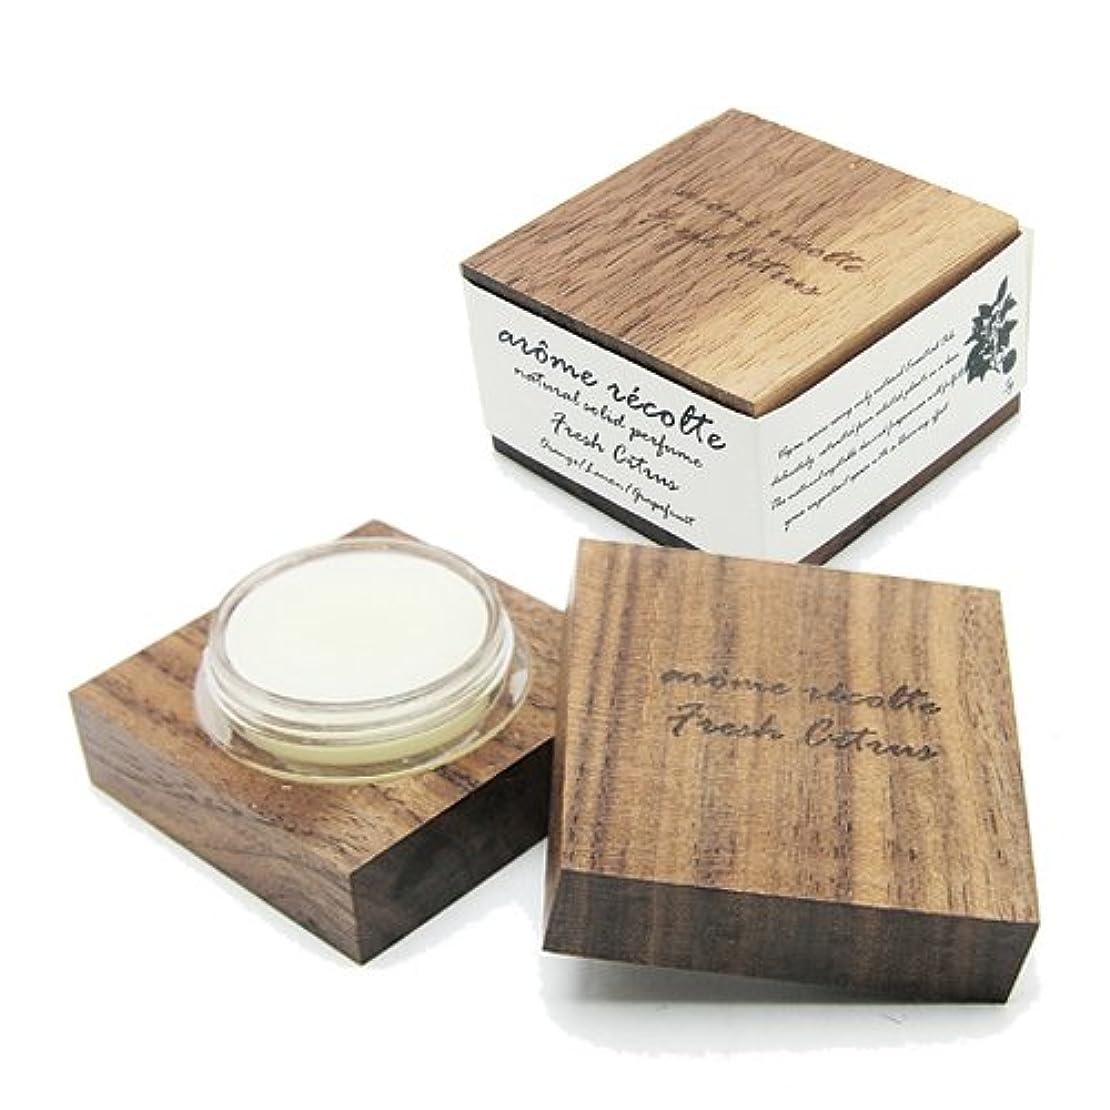 インキュバス無しオリエンタルアロマレコルト ナチュラル ソリッドパフューム フレッシュシトラス Fresh Citurs arome recolte 練り香水